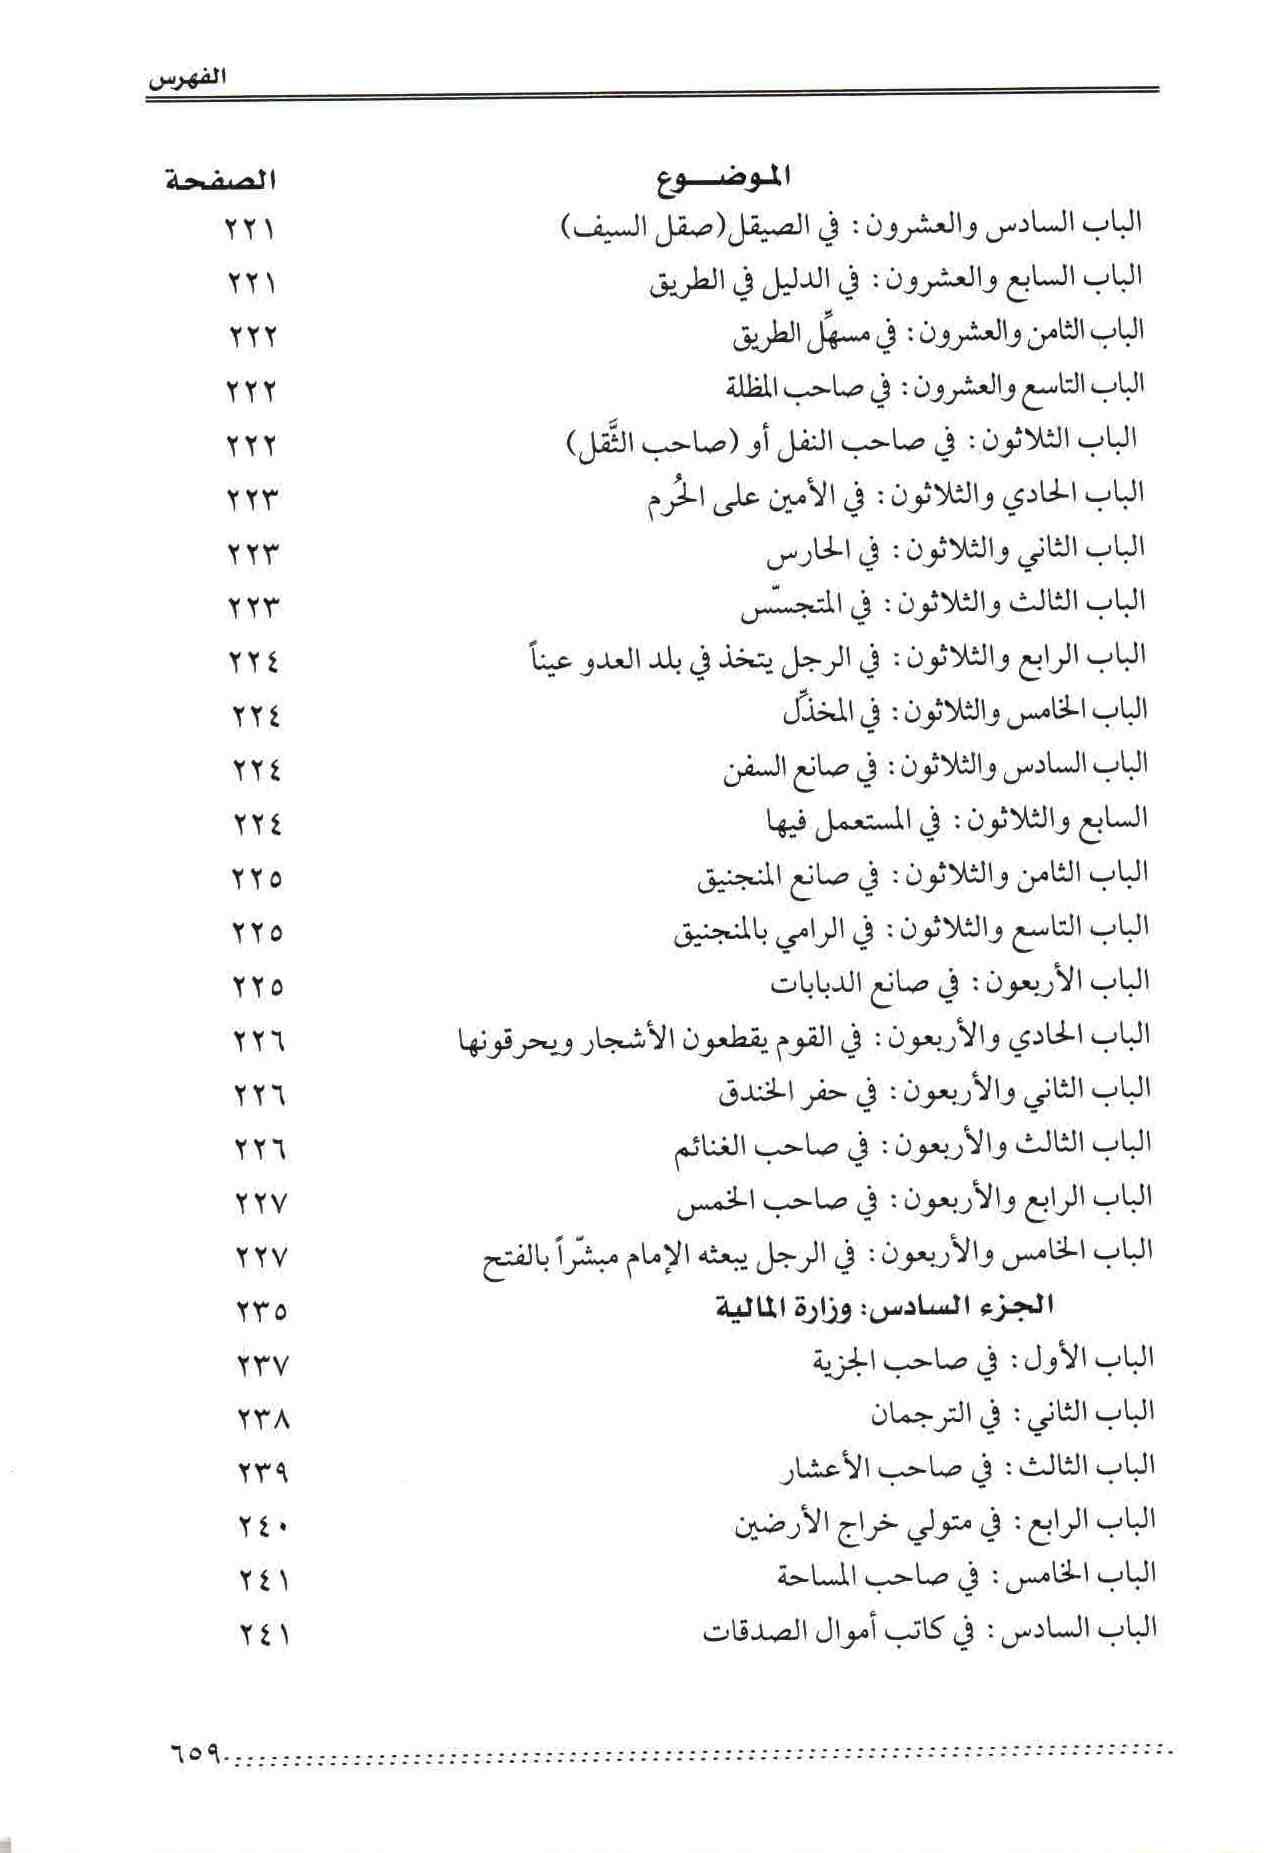 ص 59 محتويات كتاب نظام الحكومة النبوية المسمي التراتيب الإدارية